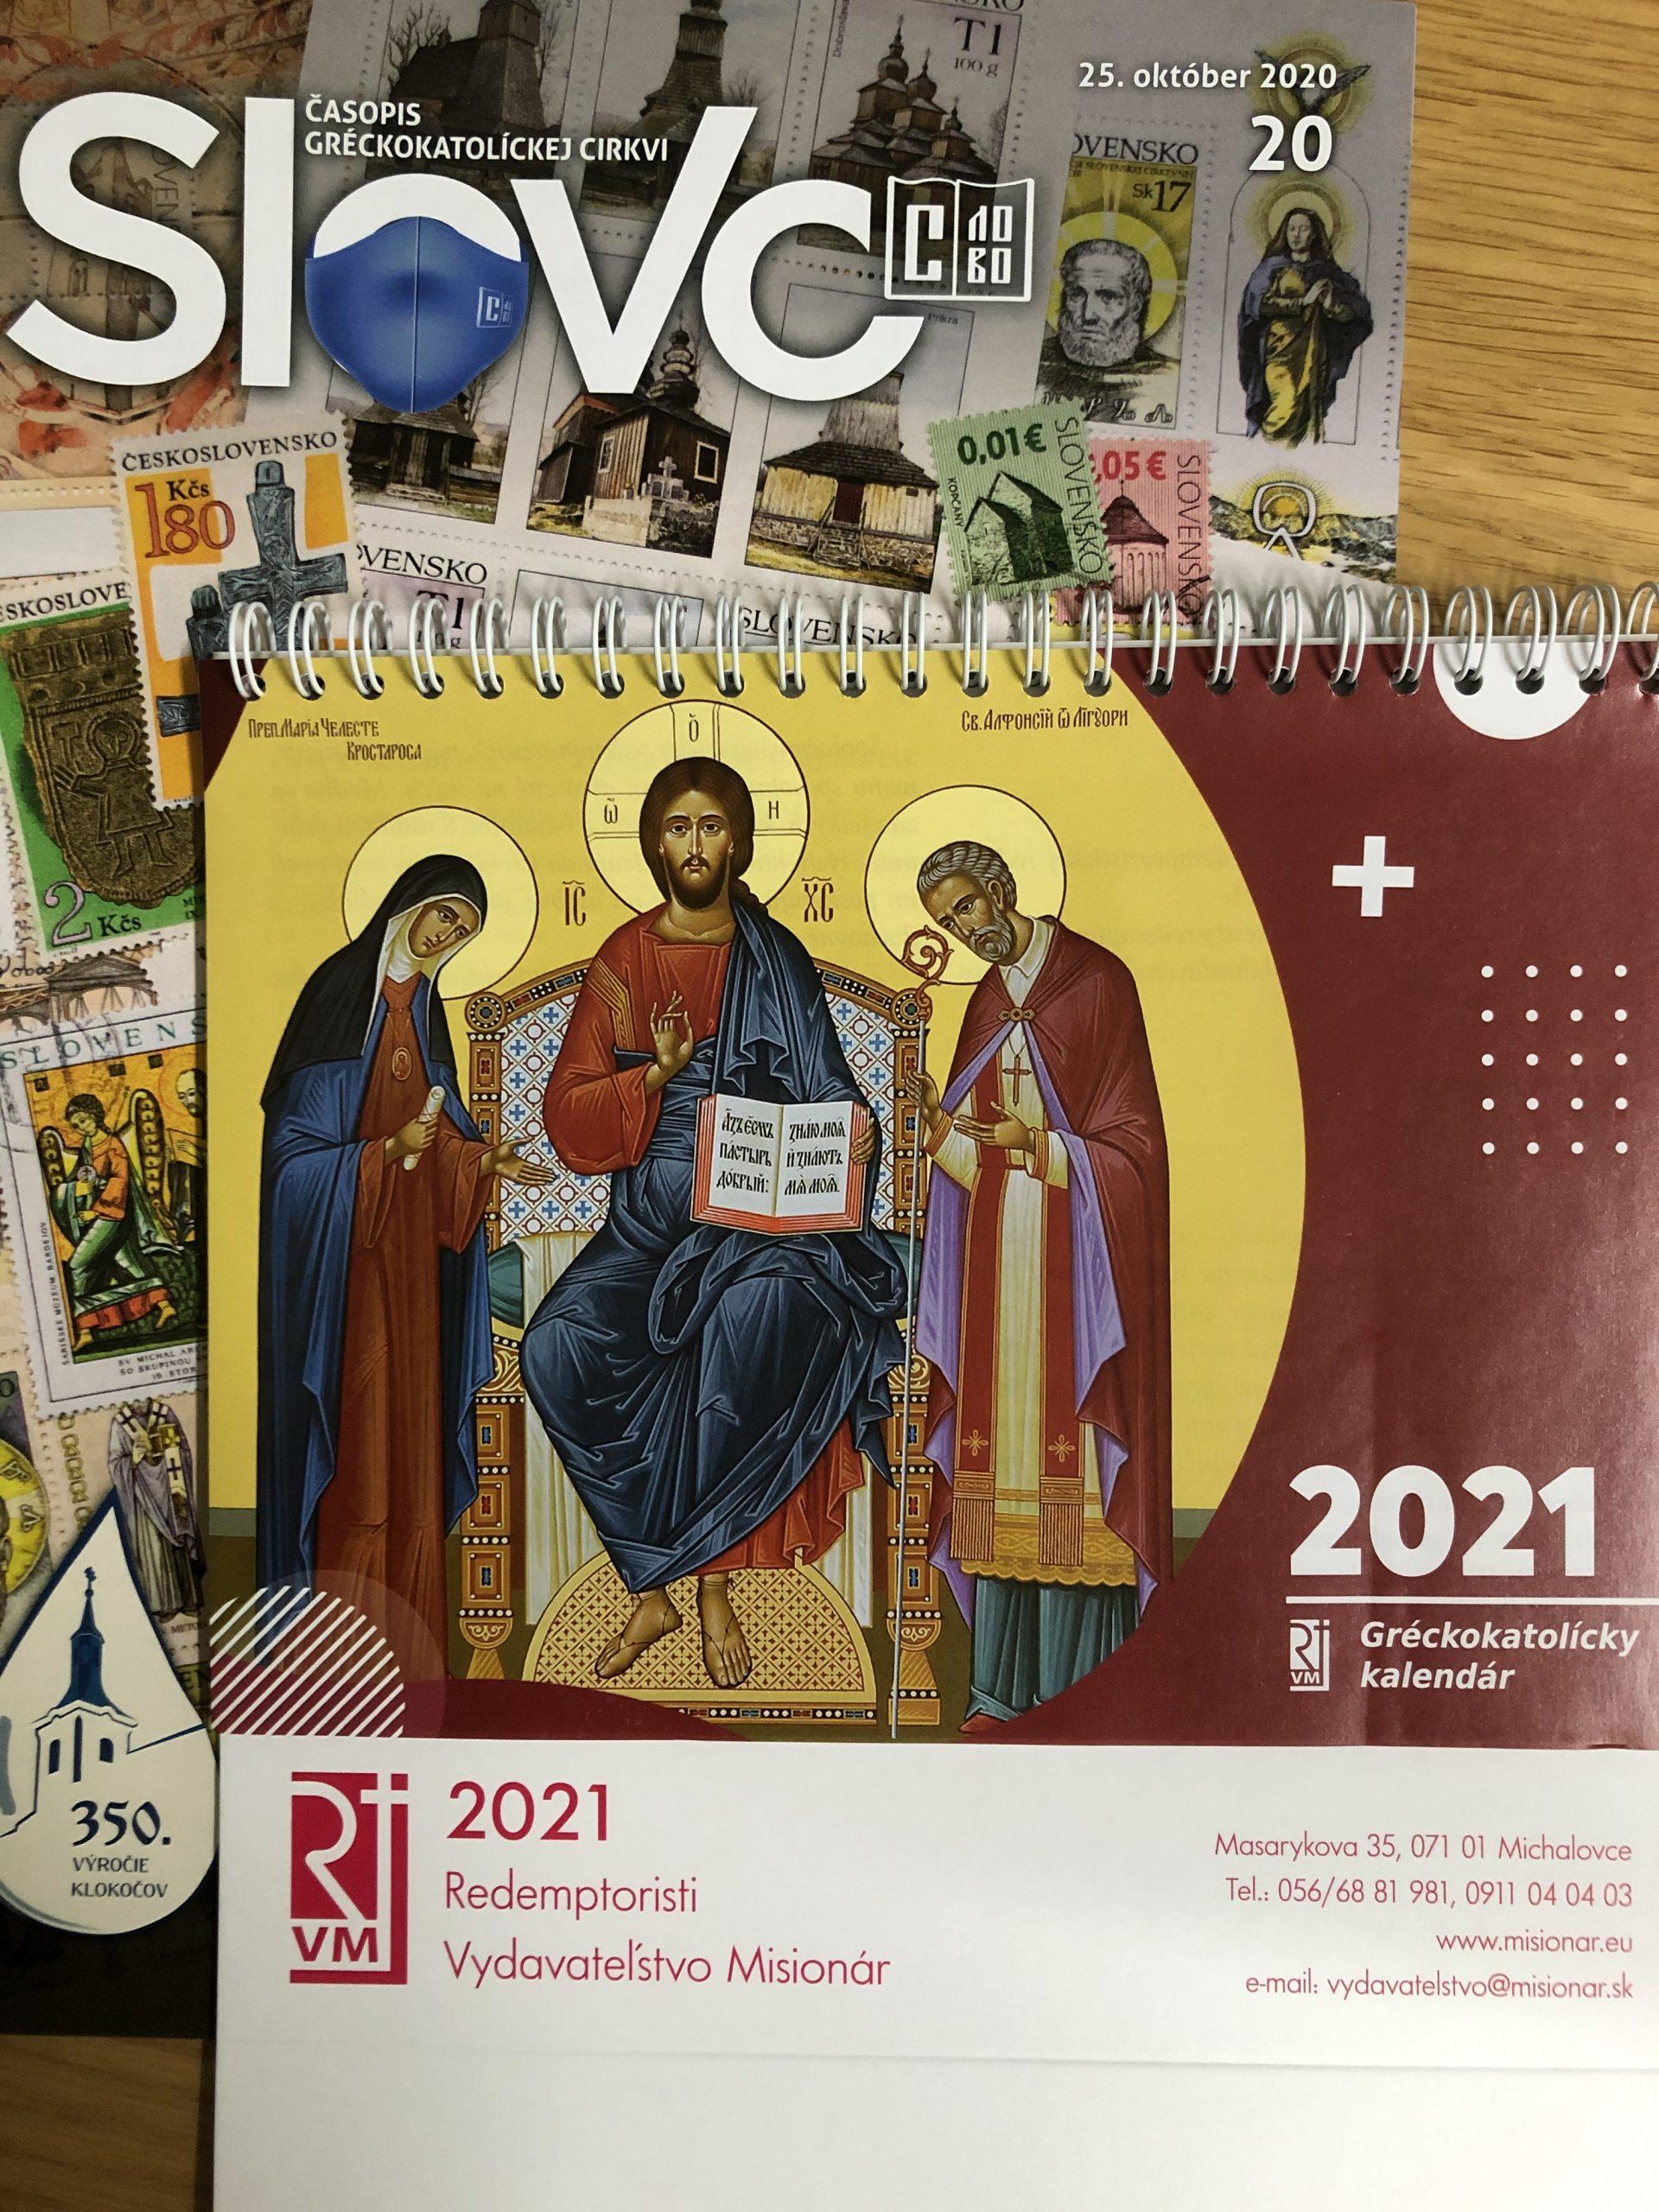 Nástolný kalendár na rok 2021 a nové číslo Slova….